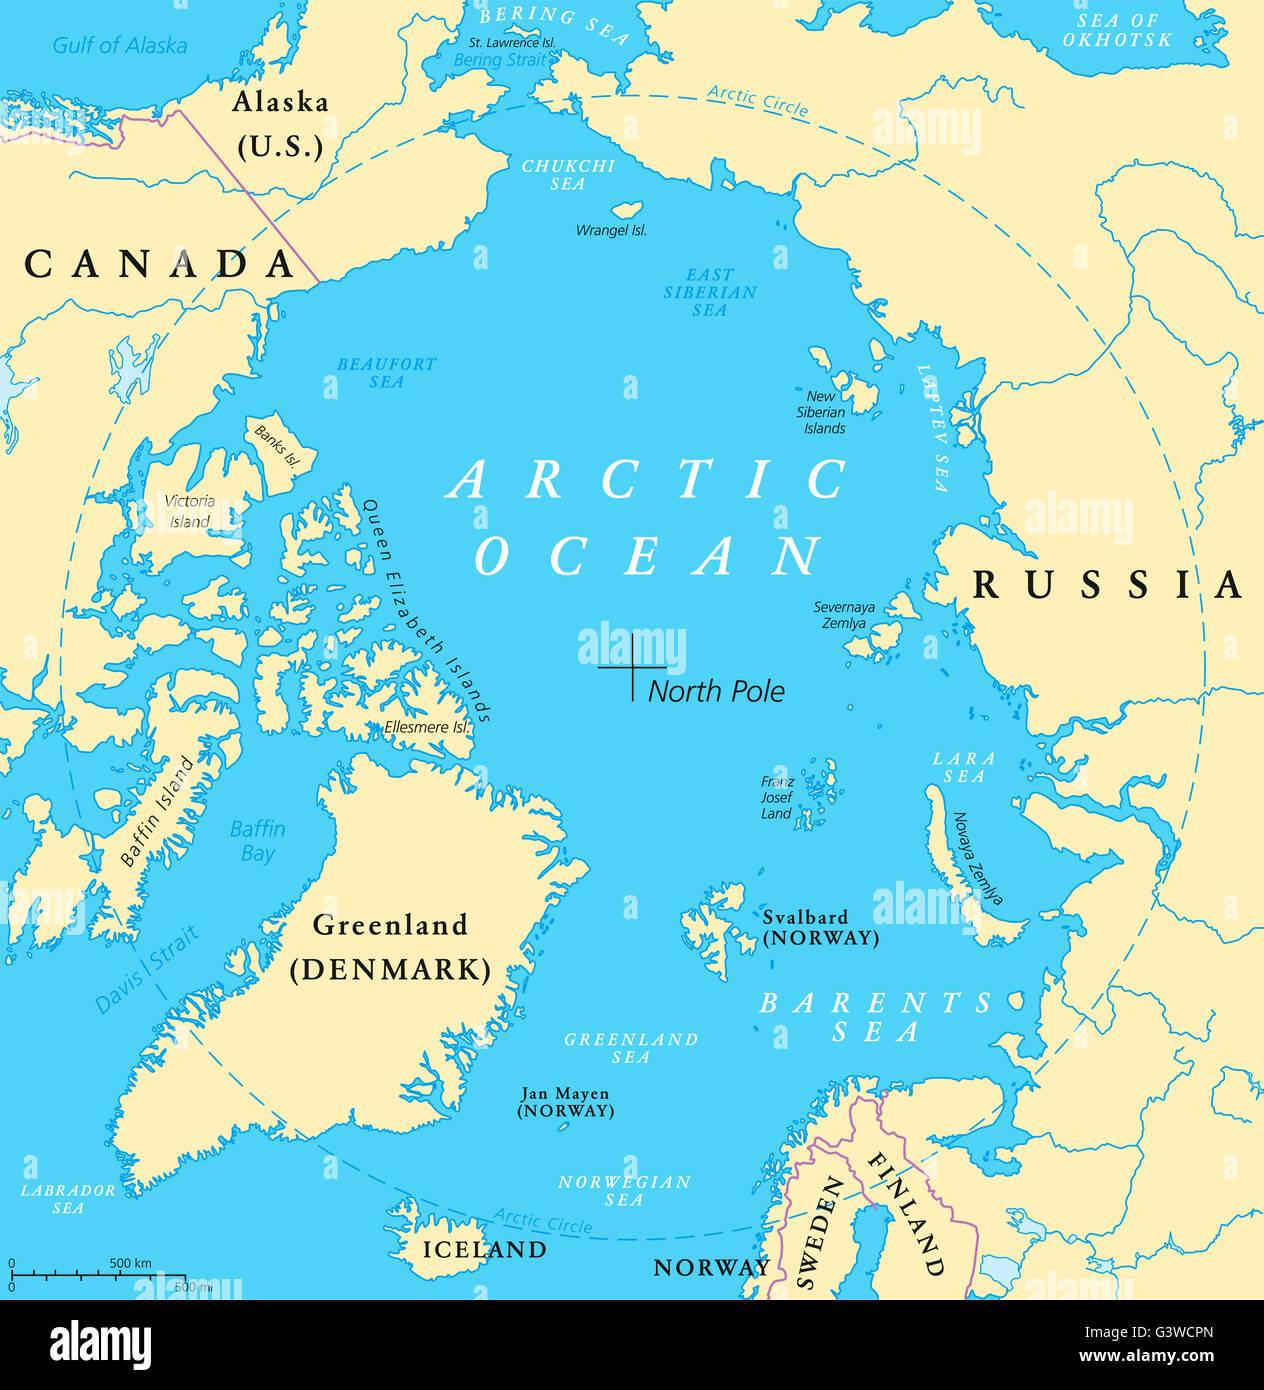 Polarkreis Alaska Karte.Arktischen Ozean Karte Mit Nordpol Und Polarkreis Arktis Karte Mit